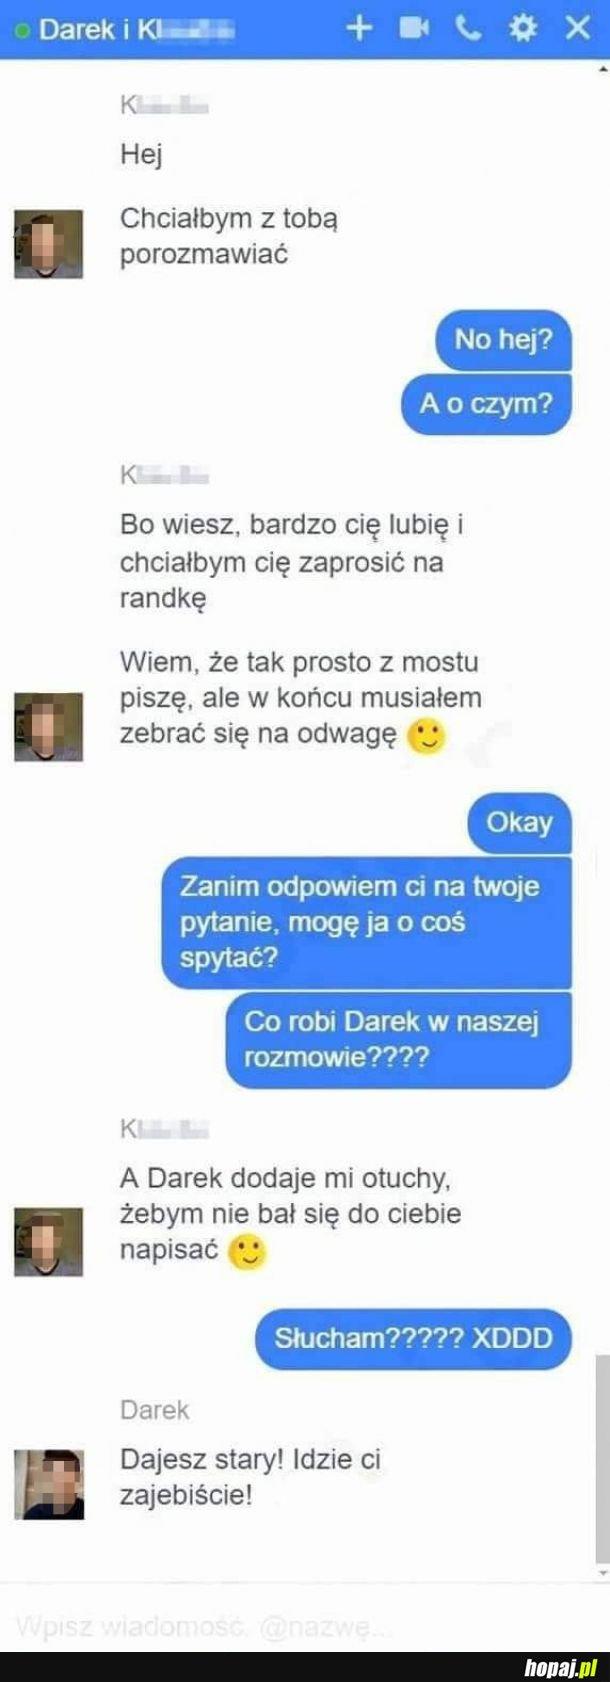 Rozmowa z Darkiem